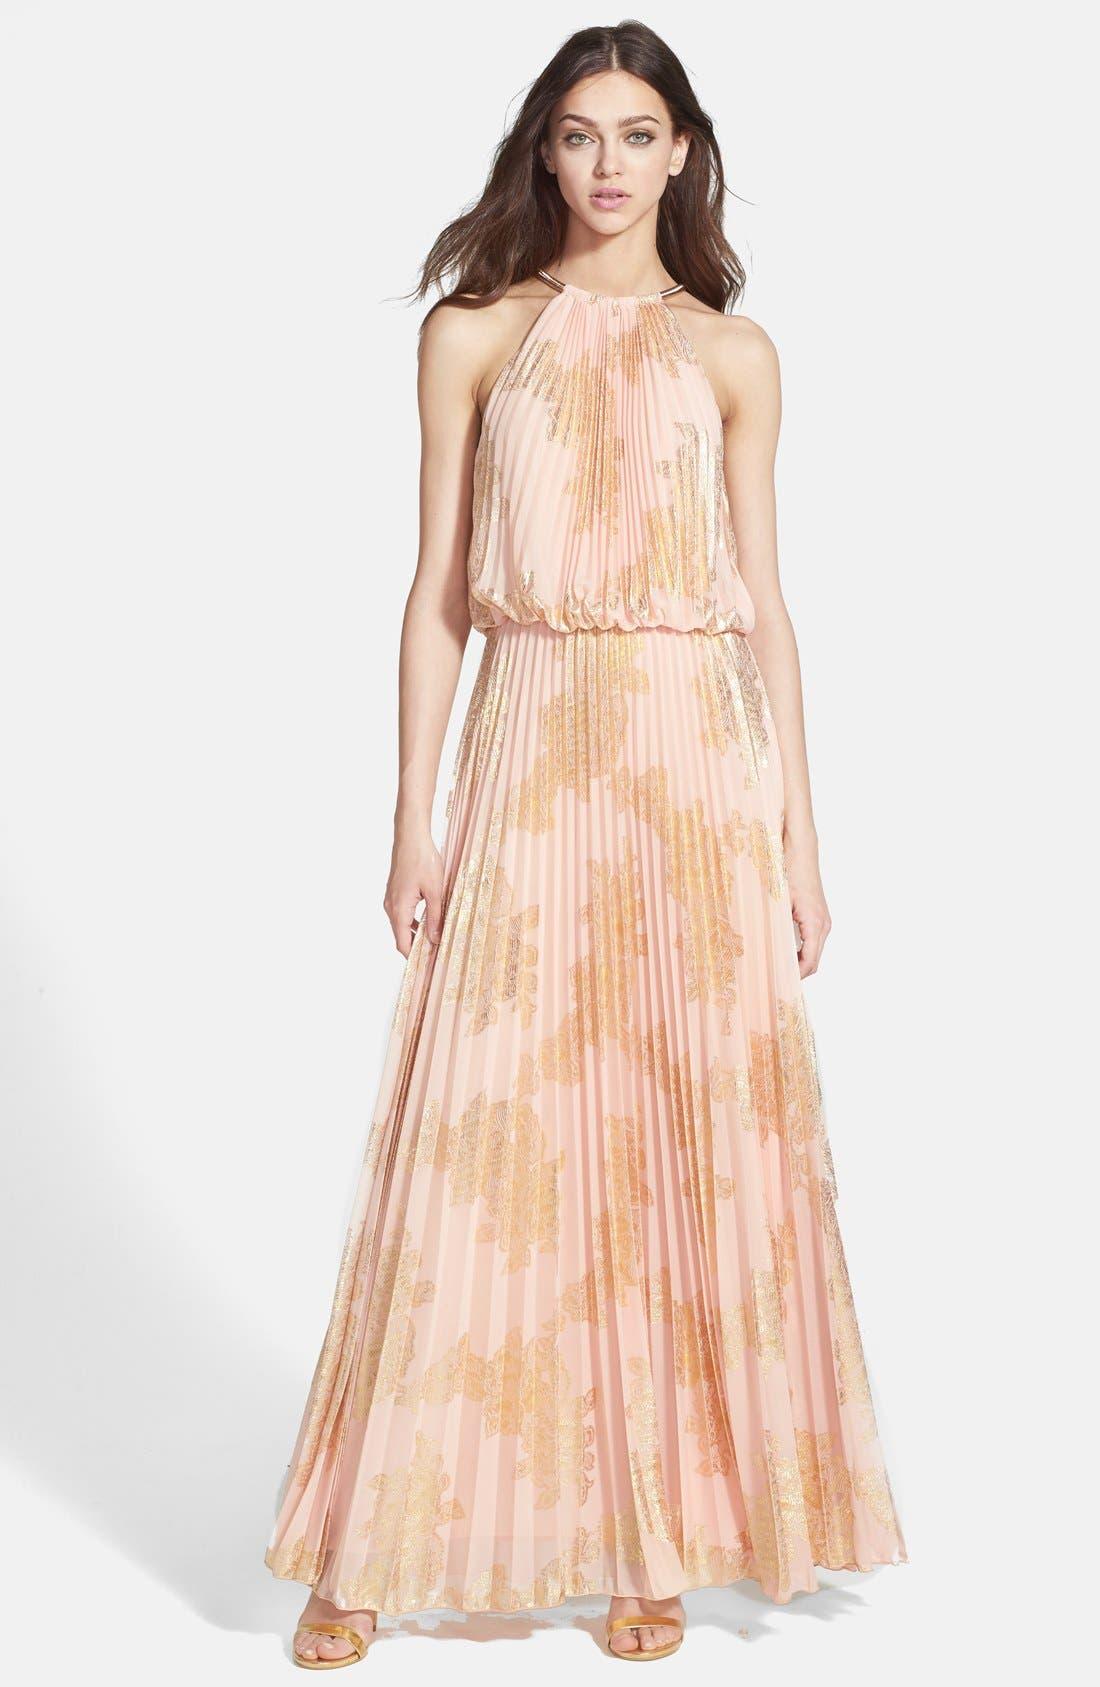 Main Image - Xscape Foiled Pleat Blouson Dress